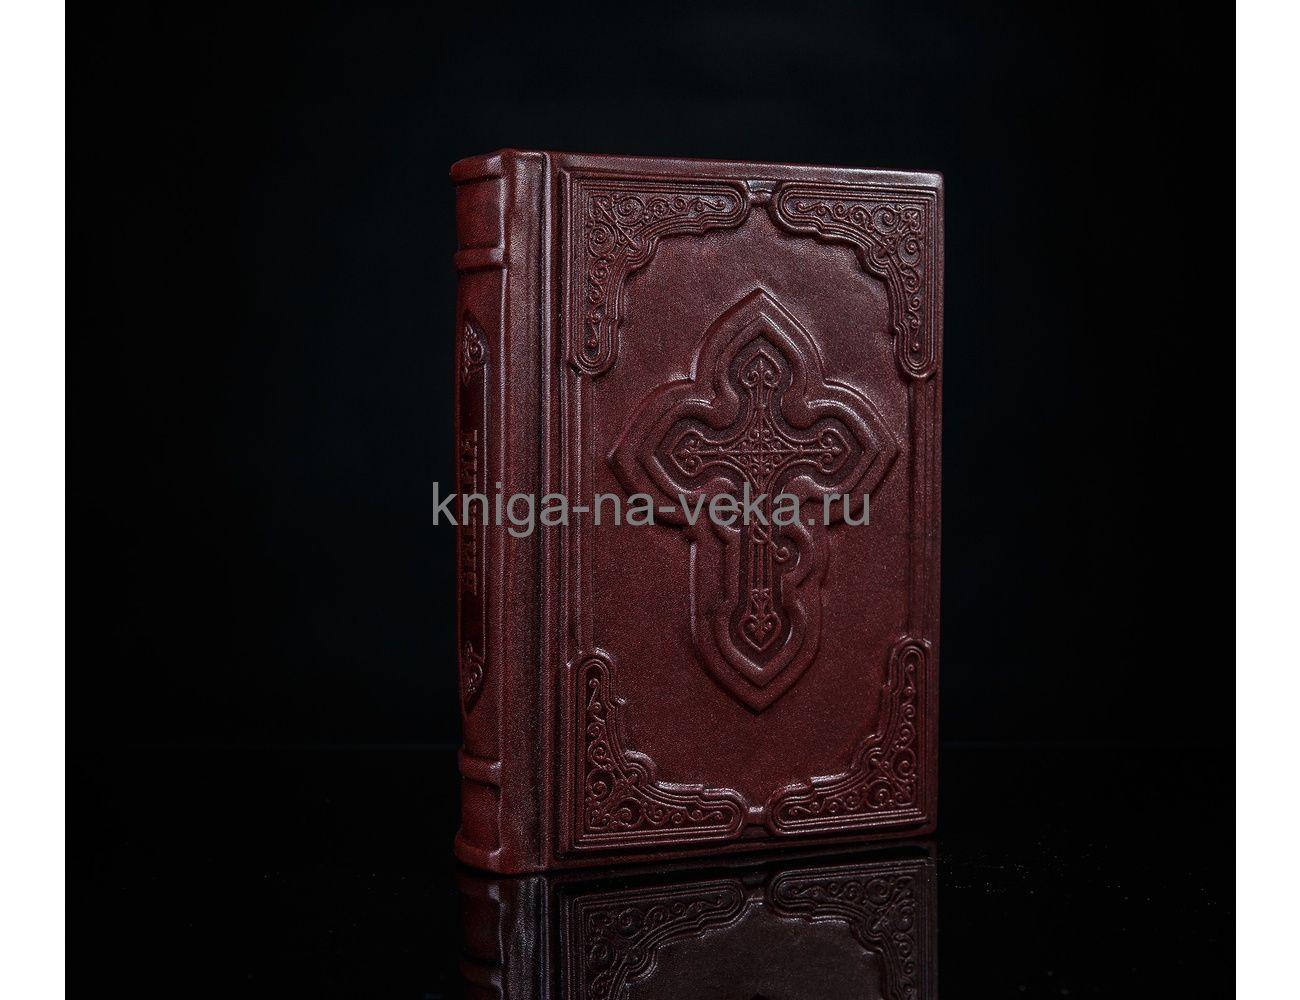 Книга «Библия» в кожаном переплёте с золотым обрезом и индексами малого формата в футляре